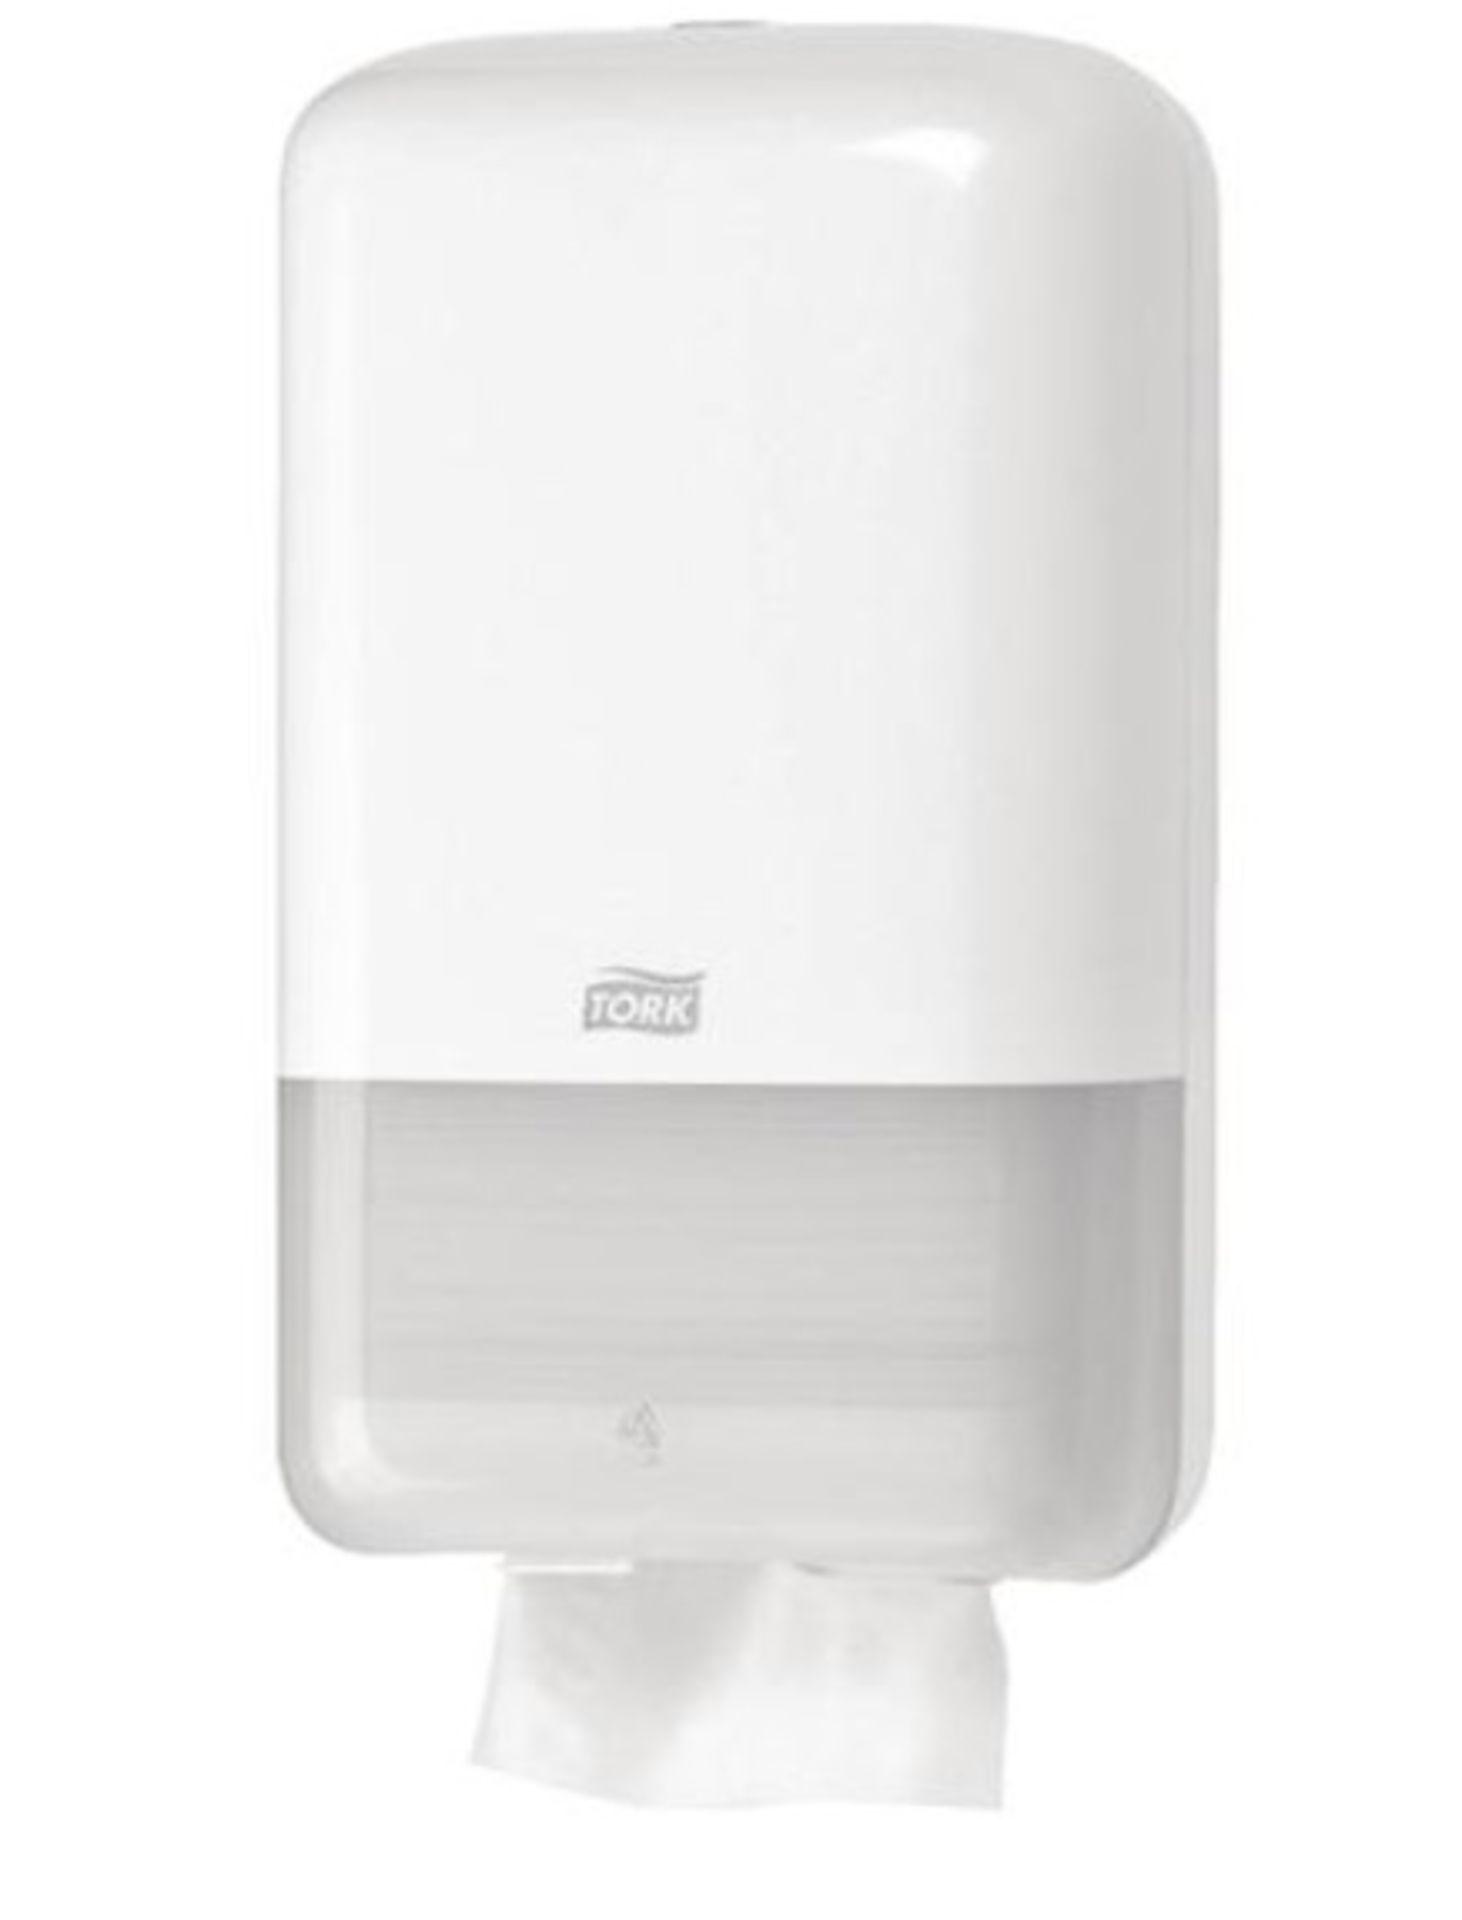 19 x Tork T3 New Folded Toilet Tissue Dispensers